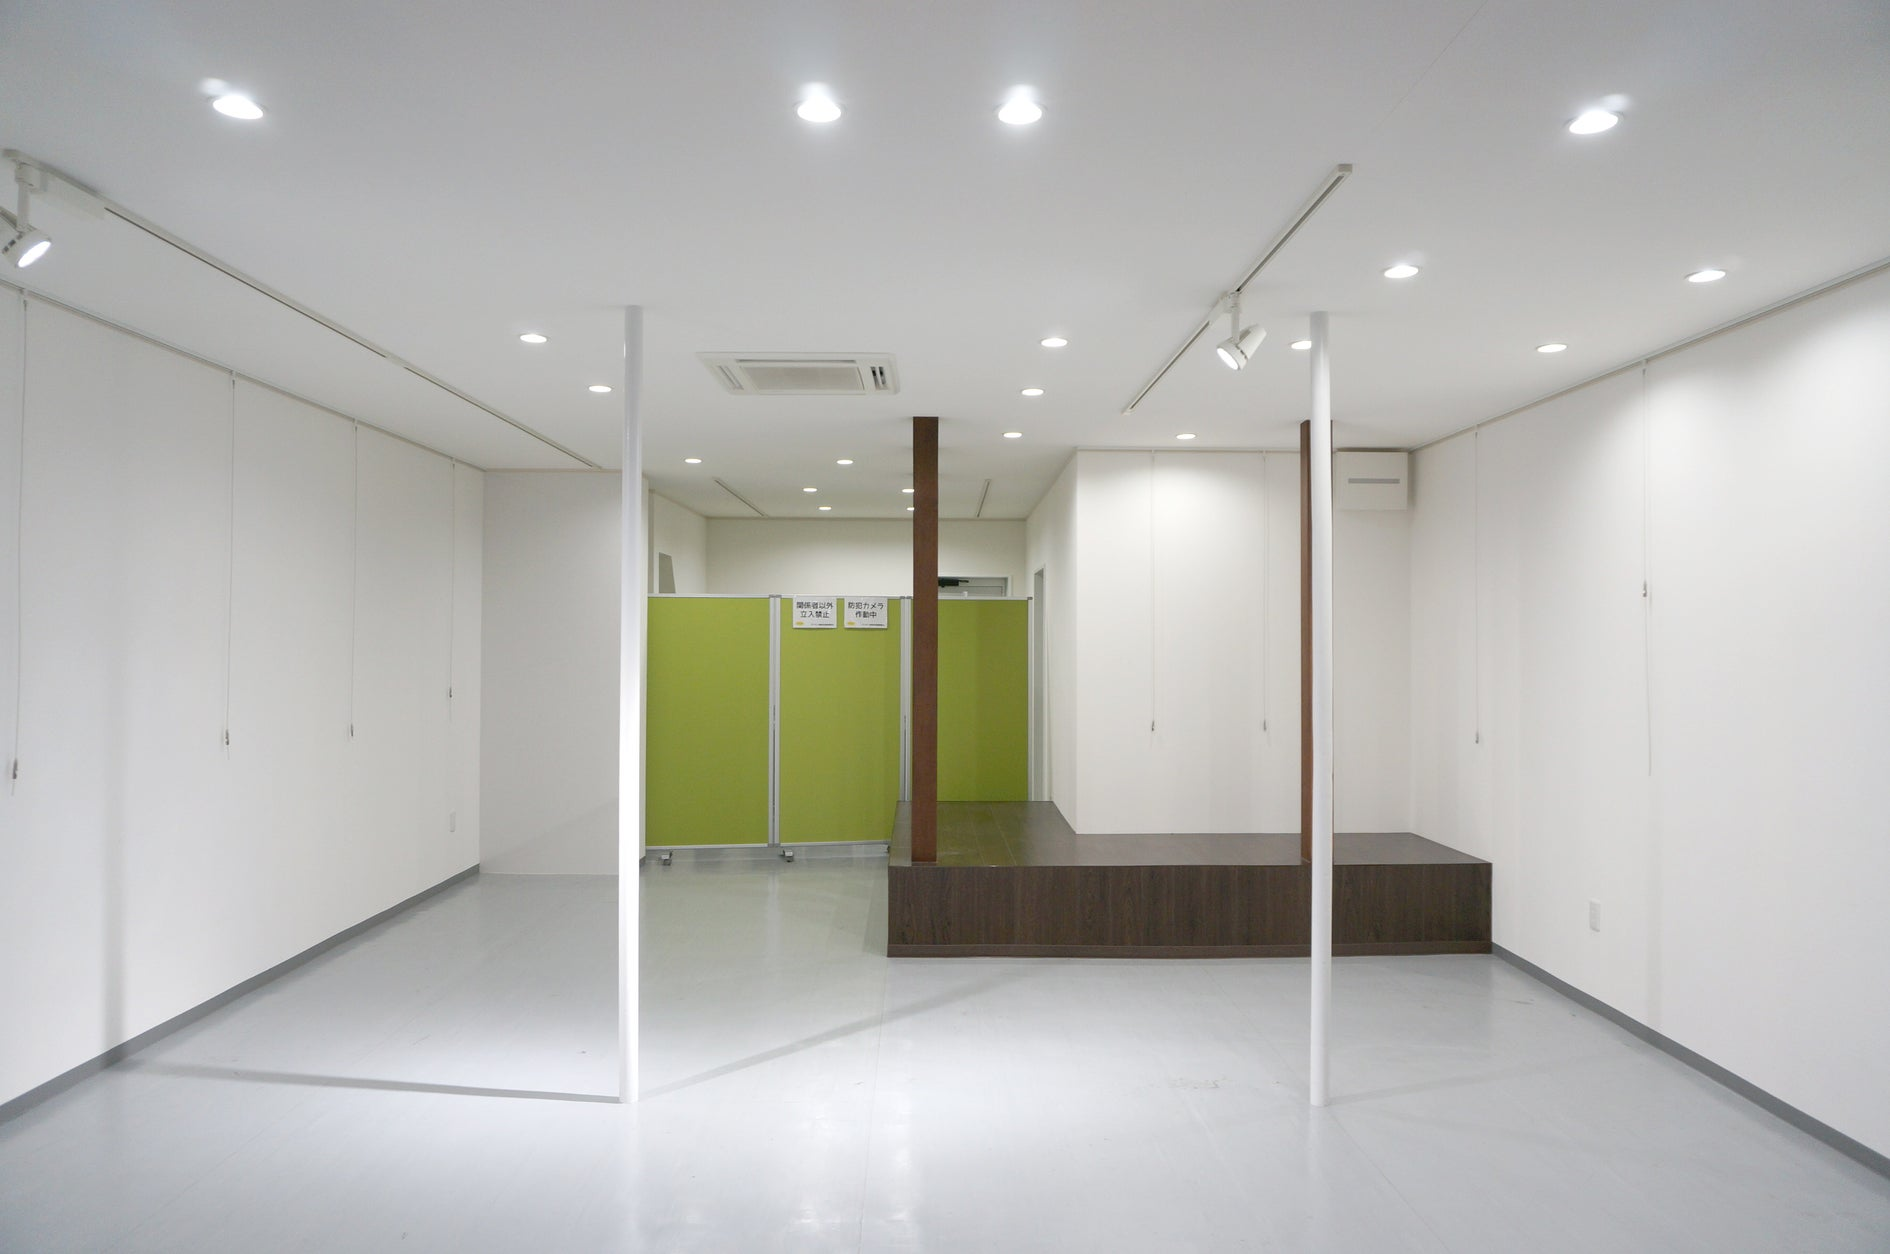 空き店舗を改装した多目的スペース!撮影スタジオ・ミニ出店・ママ会・会議利用などに!